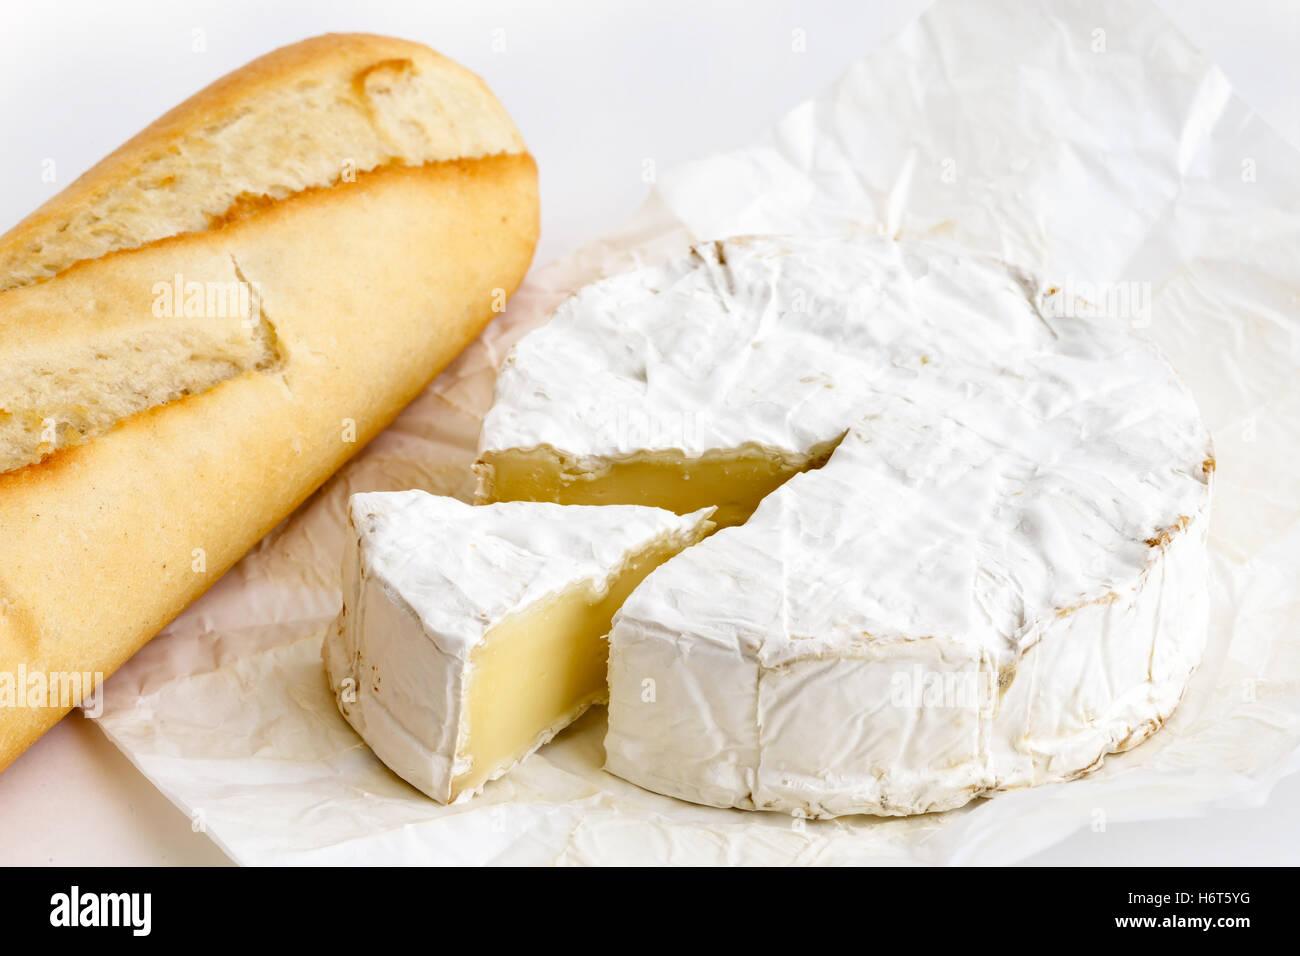 Detail Des Weißen Schimmel Käse Verpackt Mit Baguette Auf Weiß